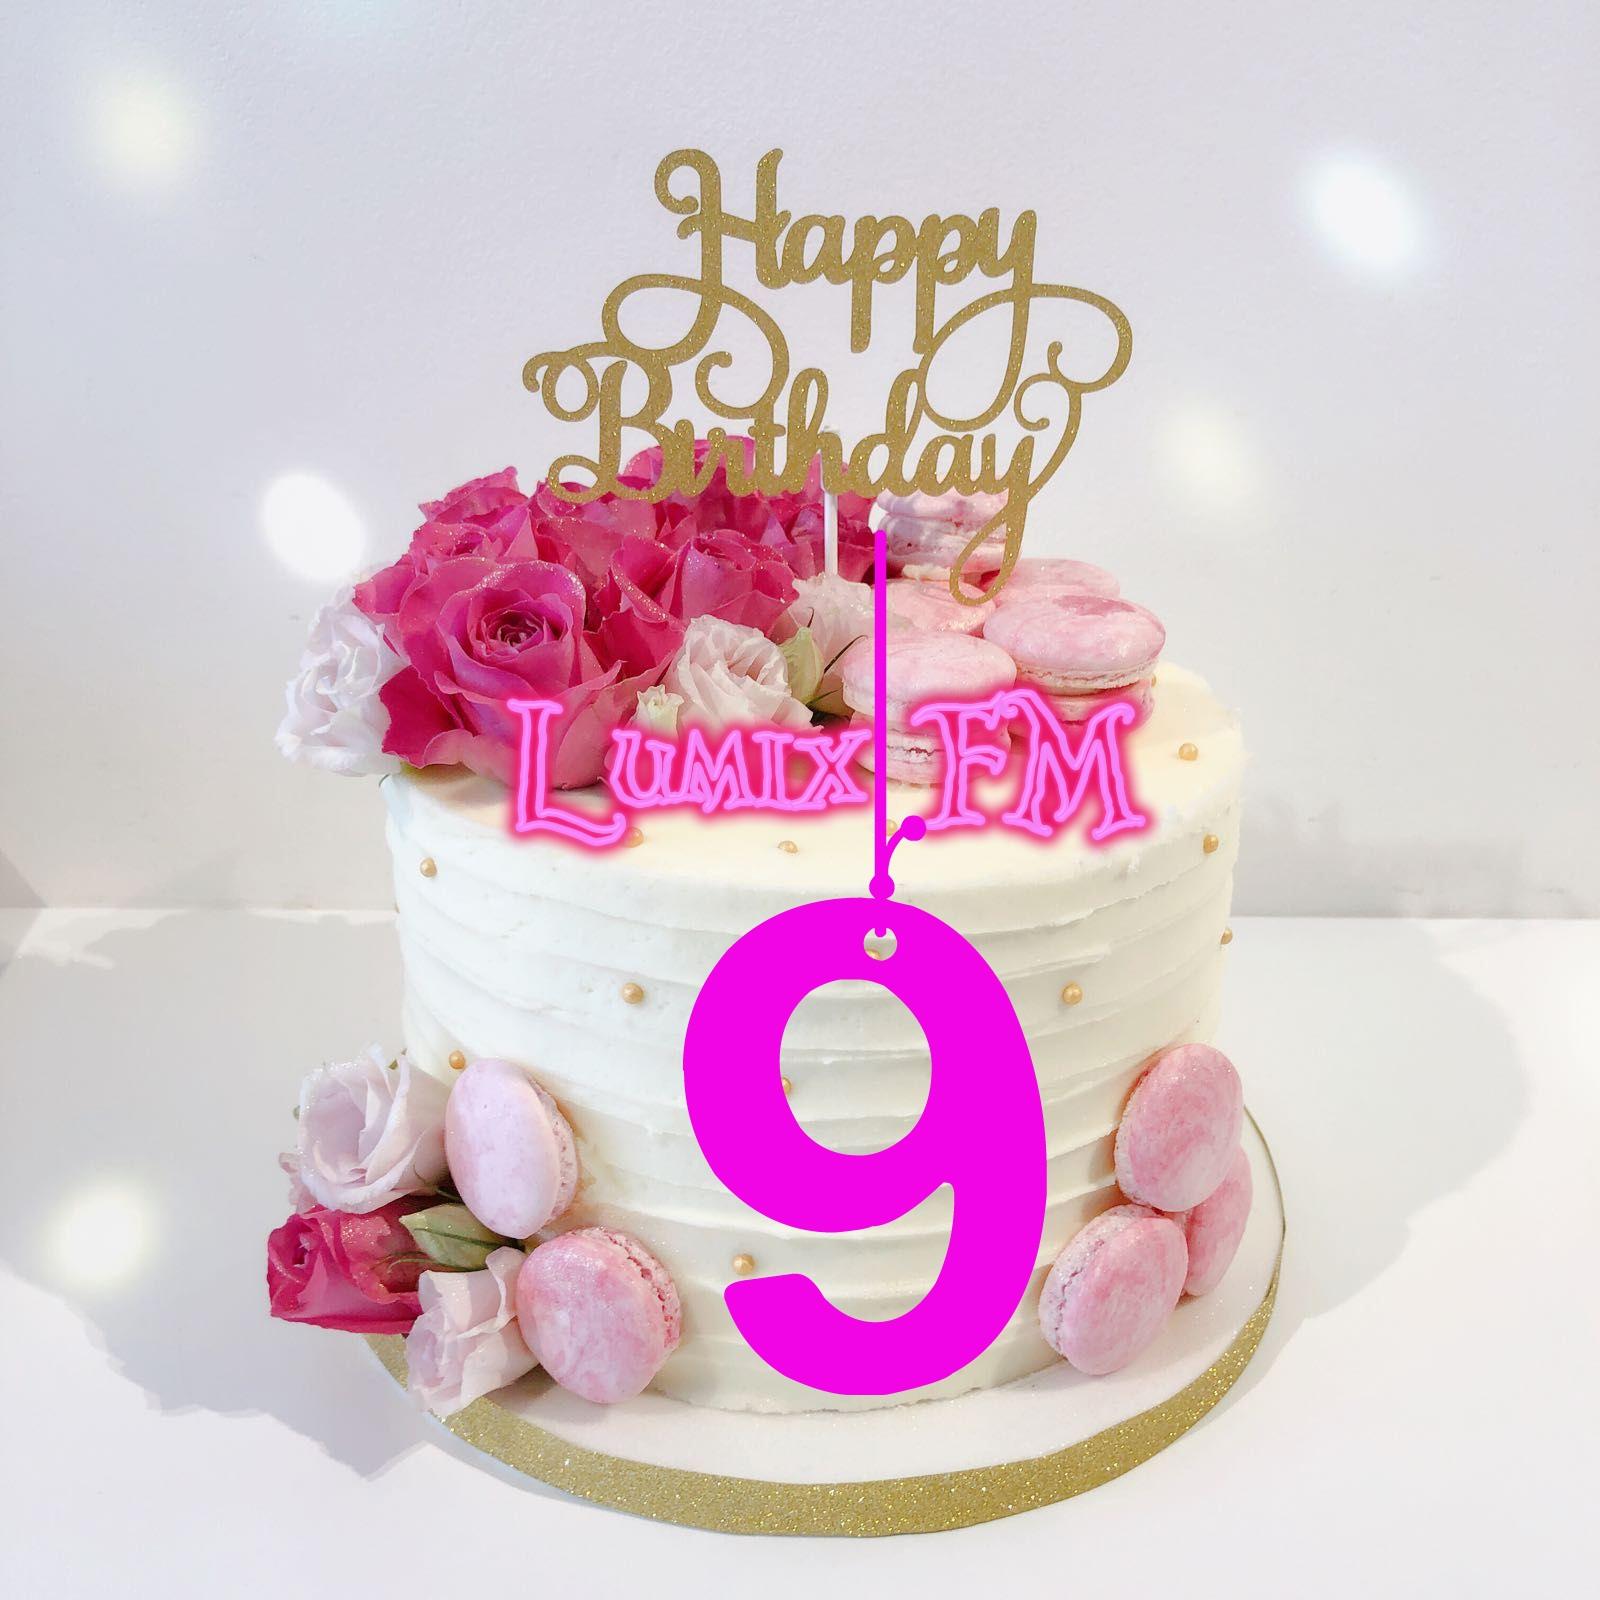 Lumix FM Happy Birthday — 9 years Anniversary